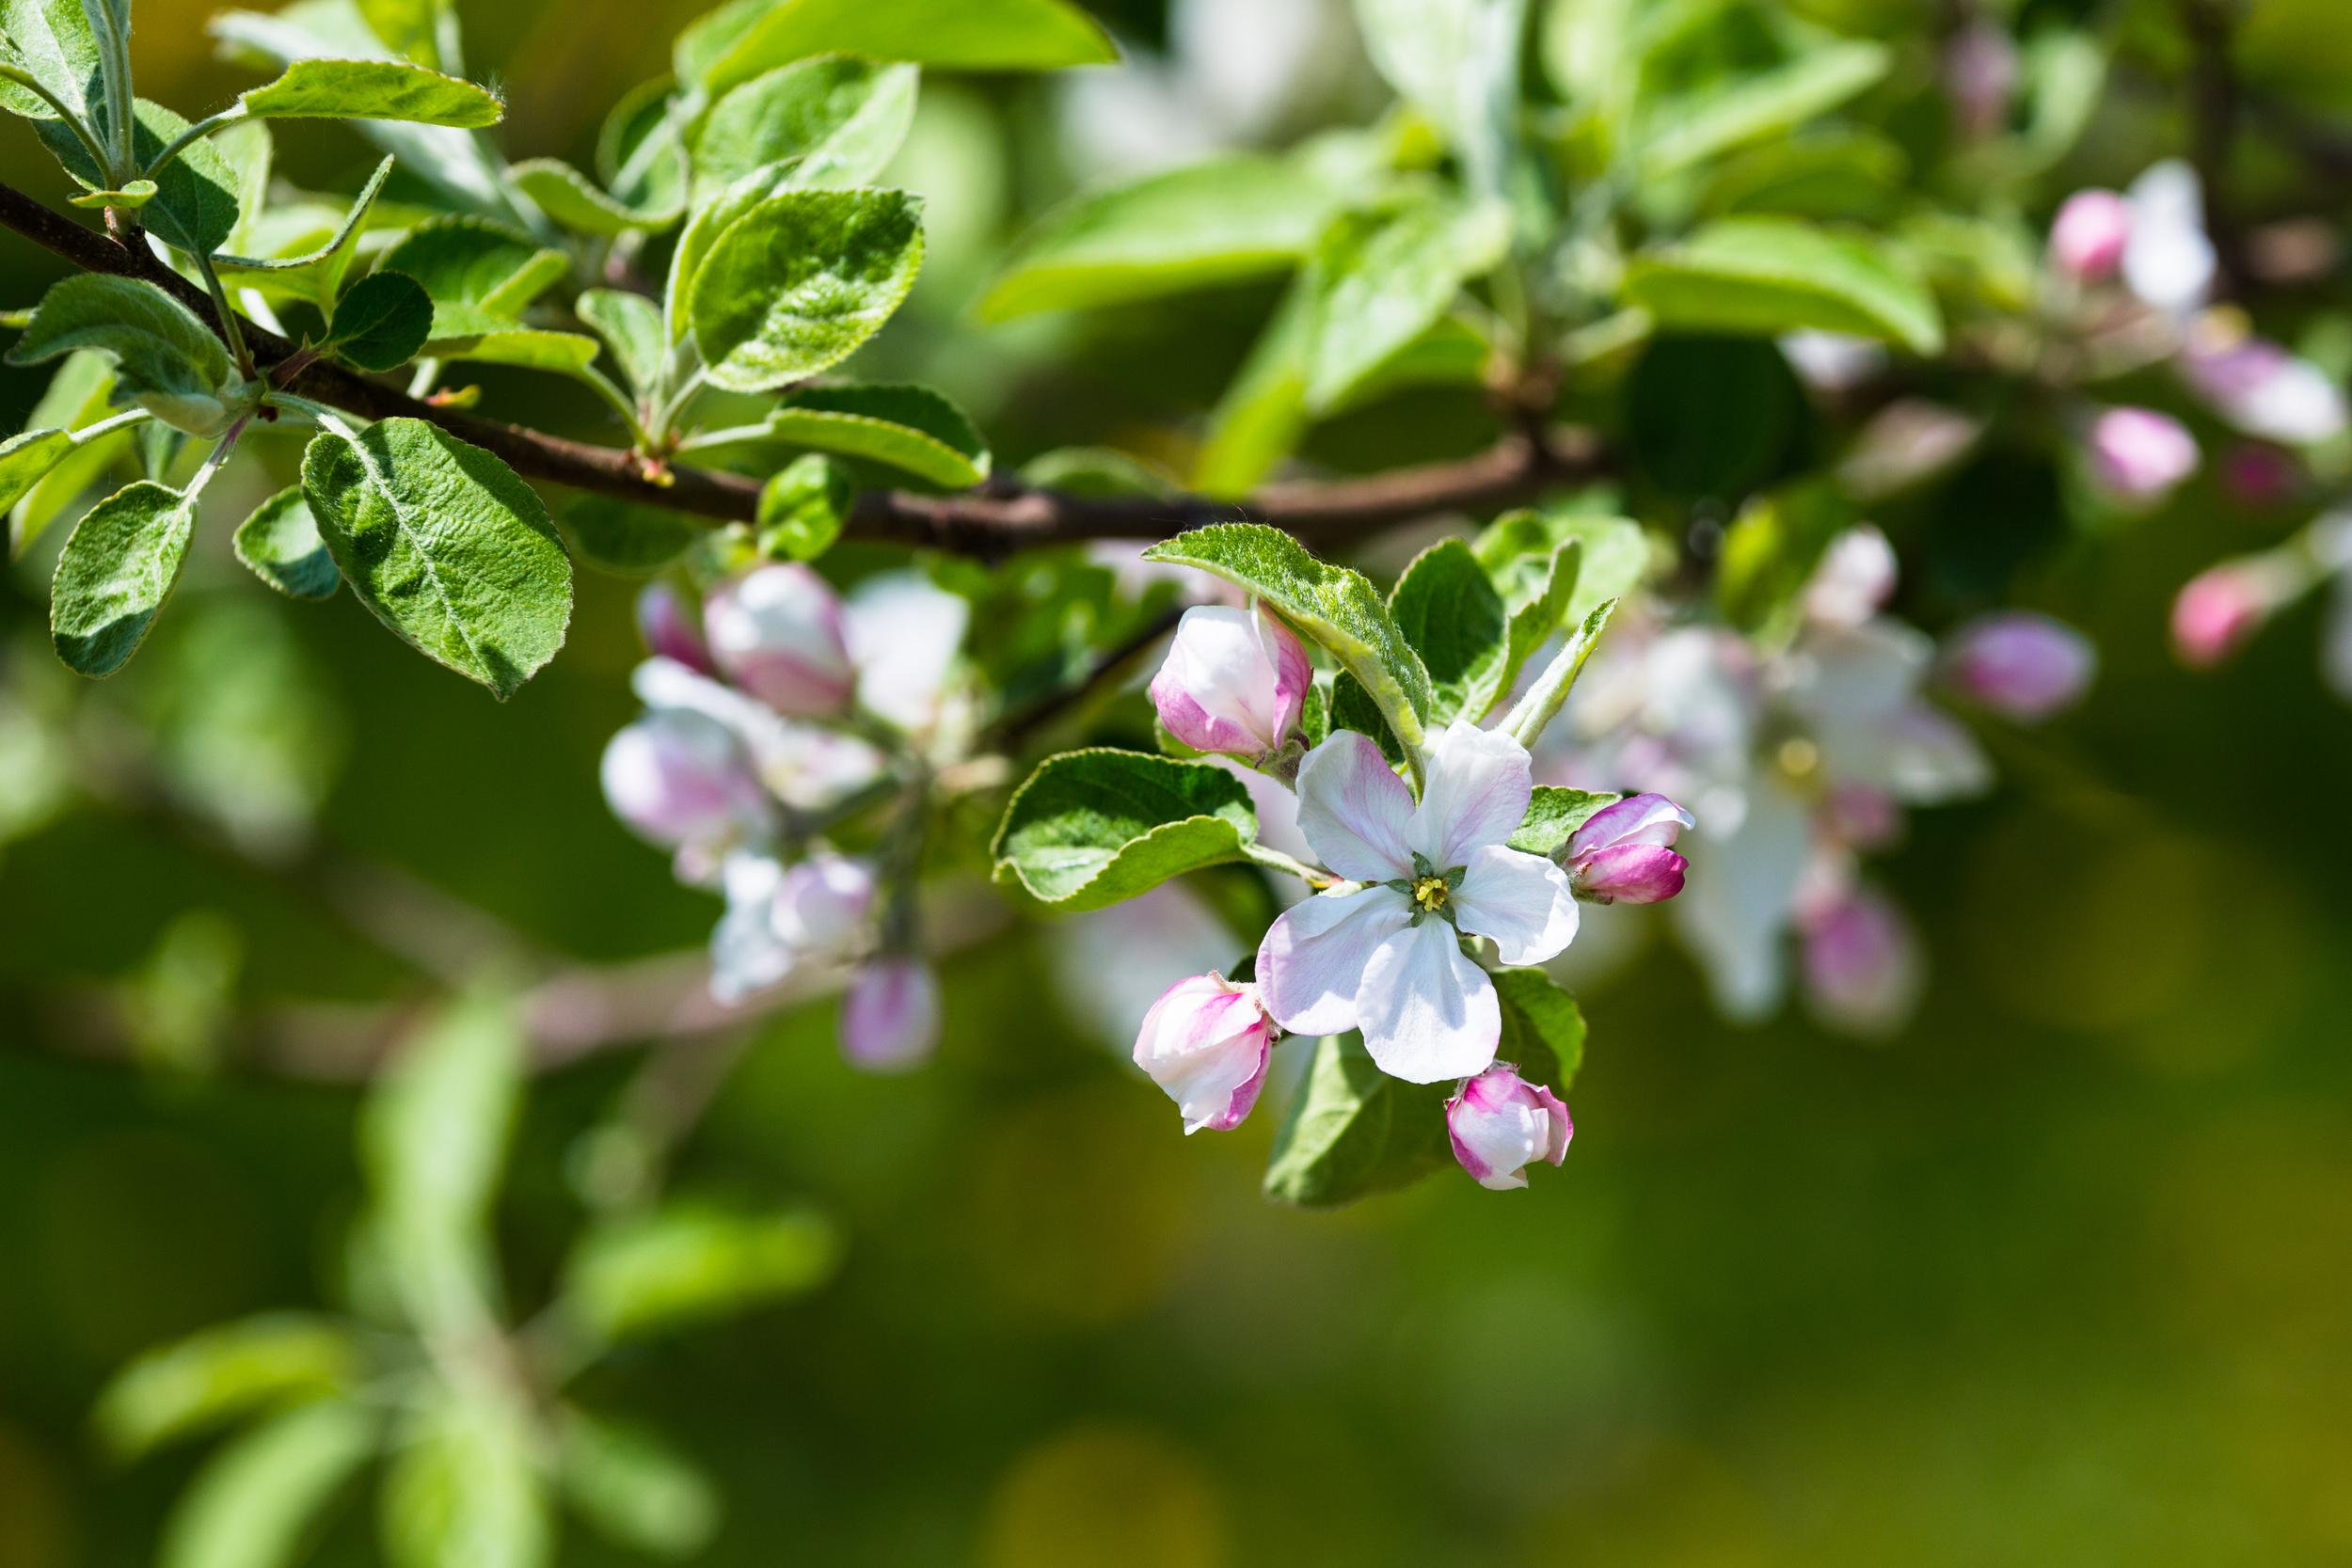 Même si le printemps nous a quittés depuis déjà près d'une semaine, cela ne nous empêche pas de pouvoir admirer ces fleurs d'un peu plus près. Comme je le mentionnais dans mon billet précédant, cette #fleur de pommier a été prise au verger #Cryo de #MontSaintHilaire au mois mai dernier. J'aime les pétales qui sont d'un blanc éclatant encadré et possédant une légère teinte. Le vert des feuilles a une brillance qu'on retrouve seulement au printemps alors qu'elles ont fraîchement éclos.